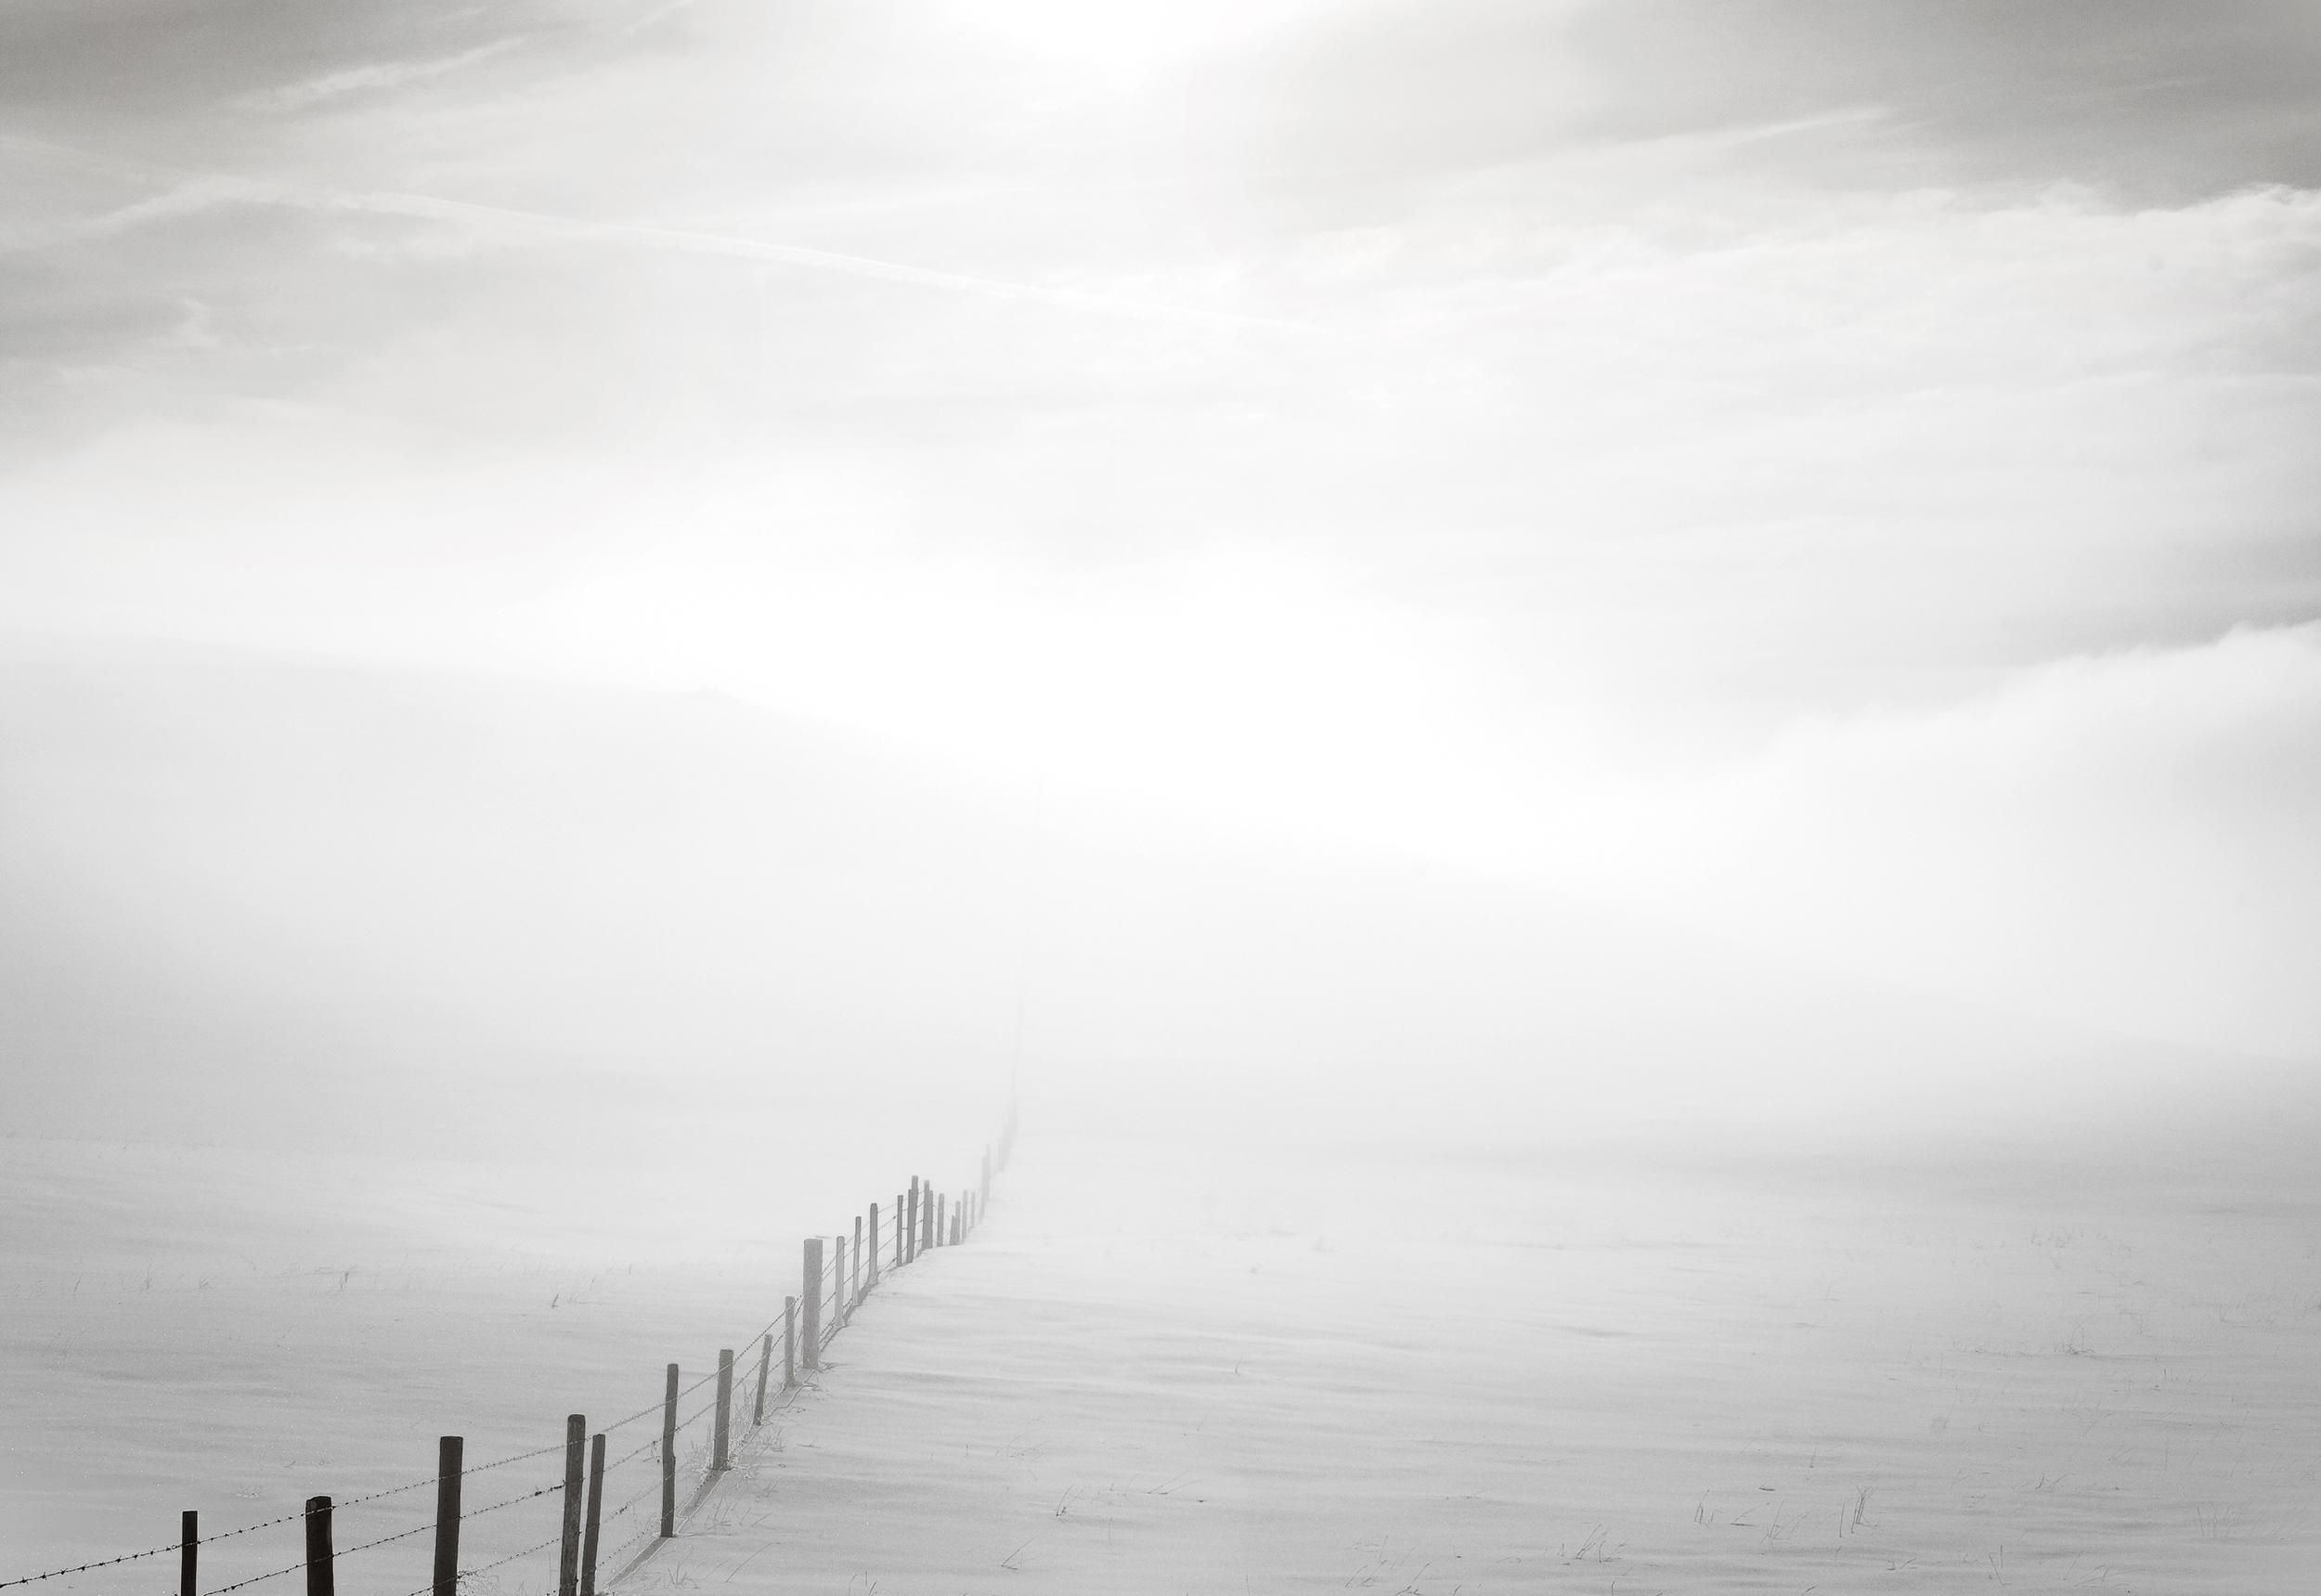 foggy-fenceB&W#2-flt.jpg